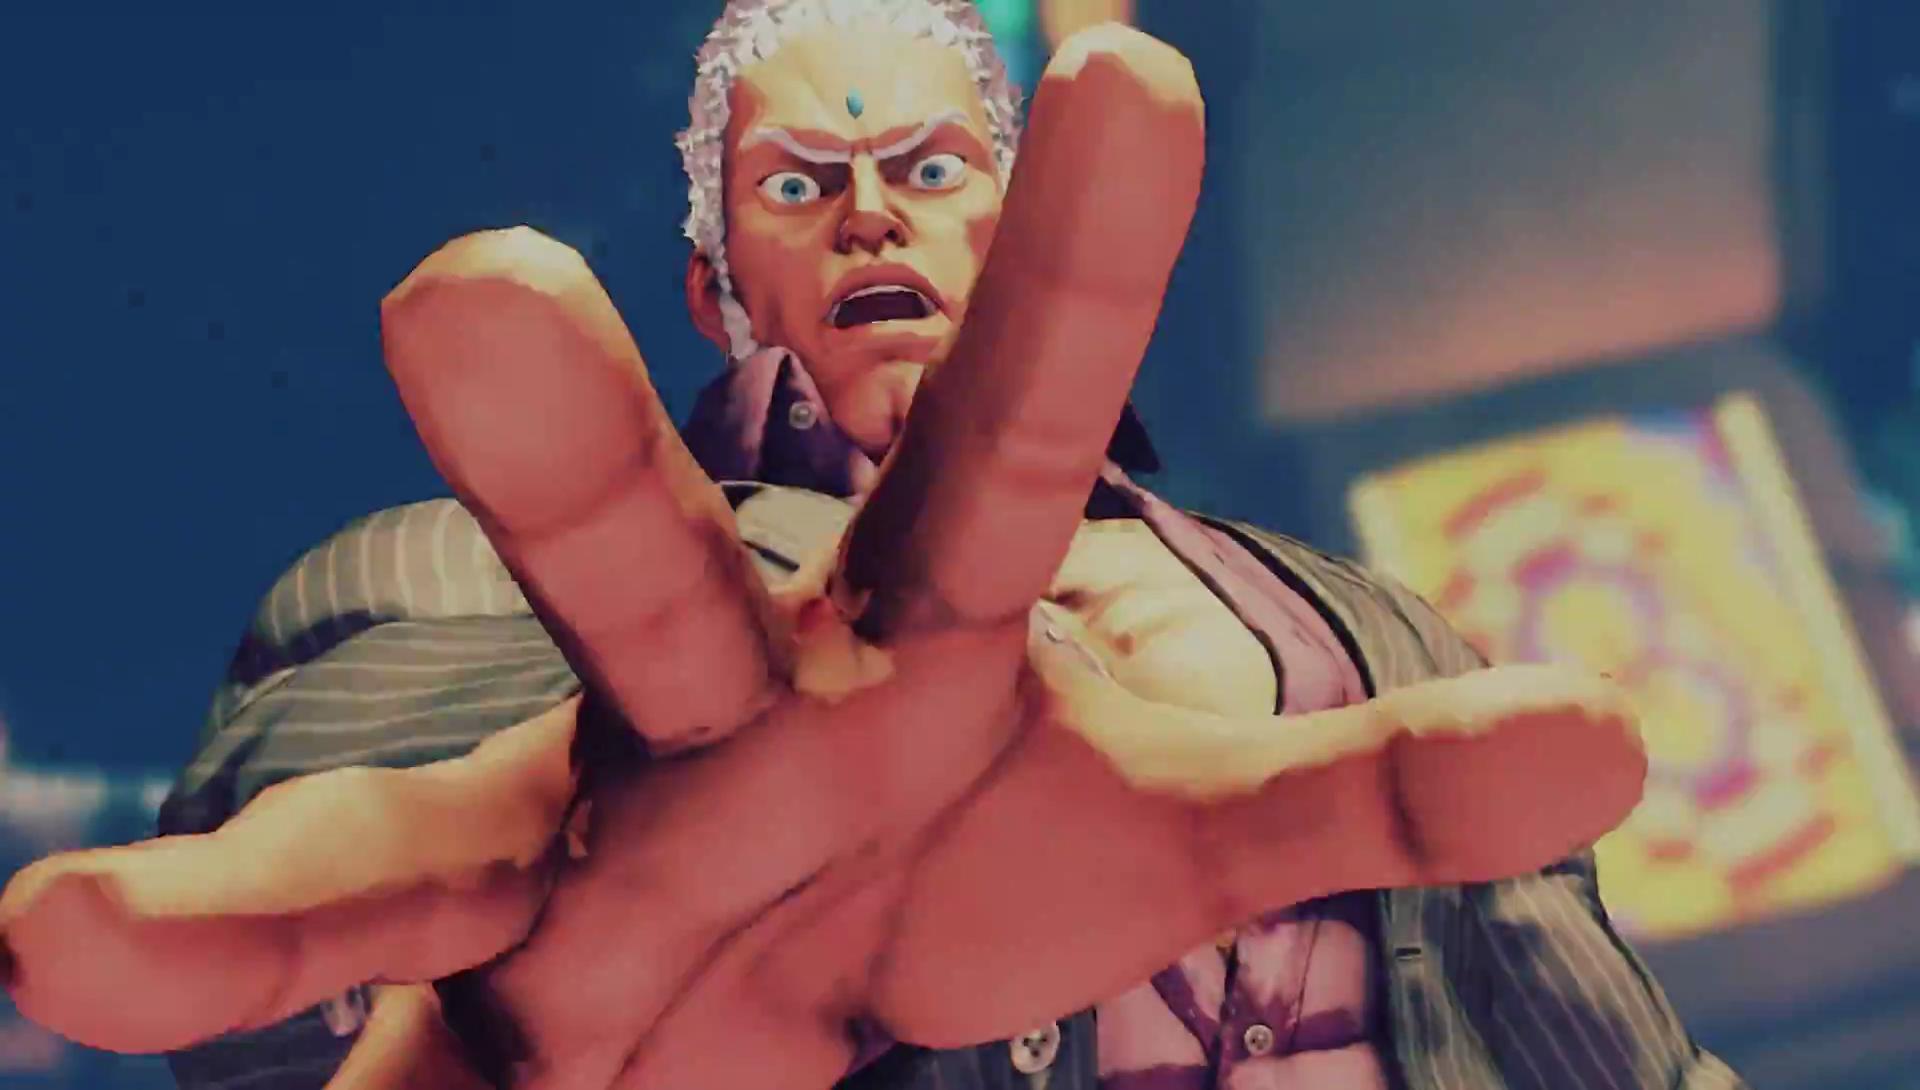 Urien chega com a nova actualização para Street Fighter V